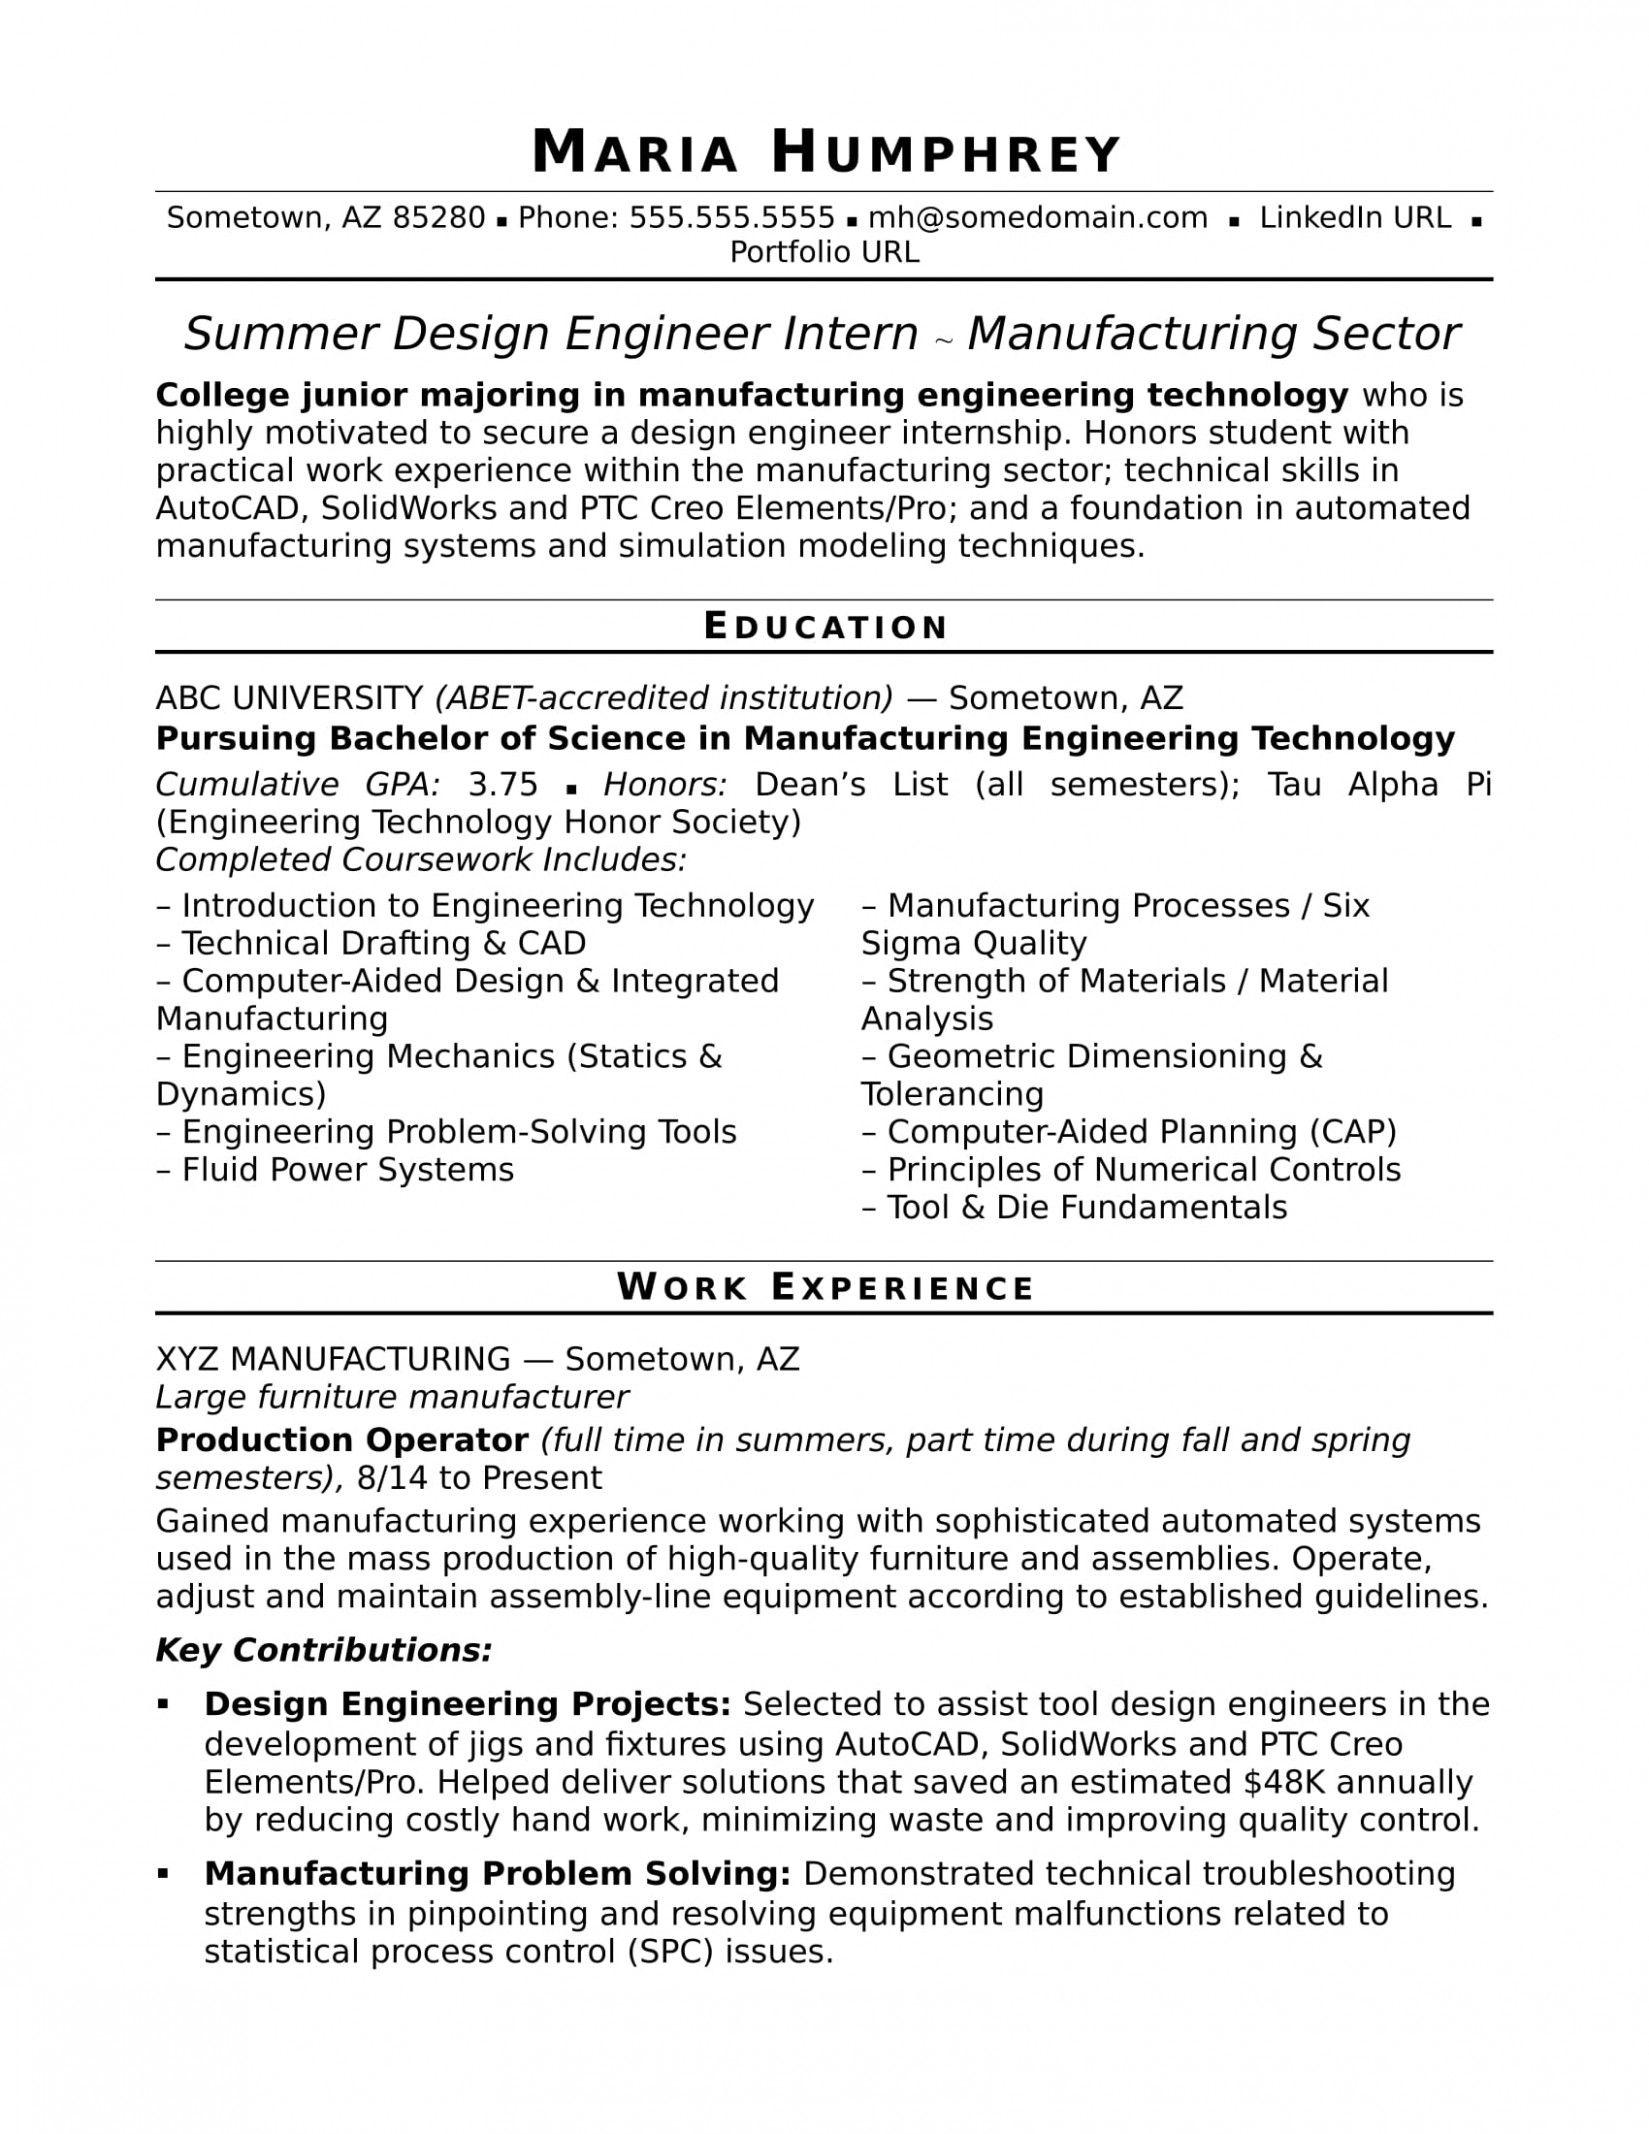 undergraduate engineering resume template